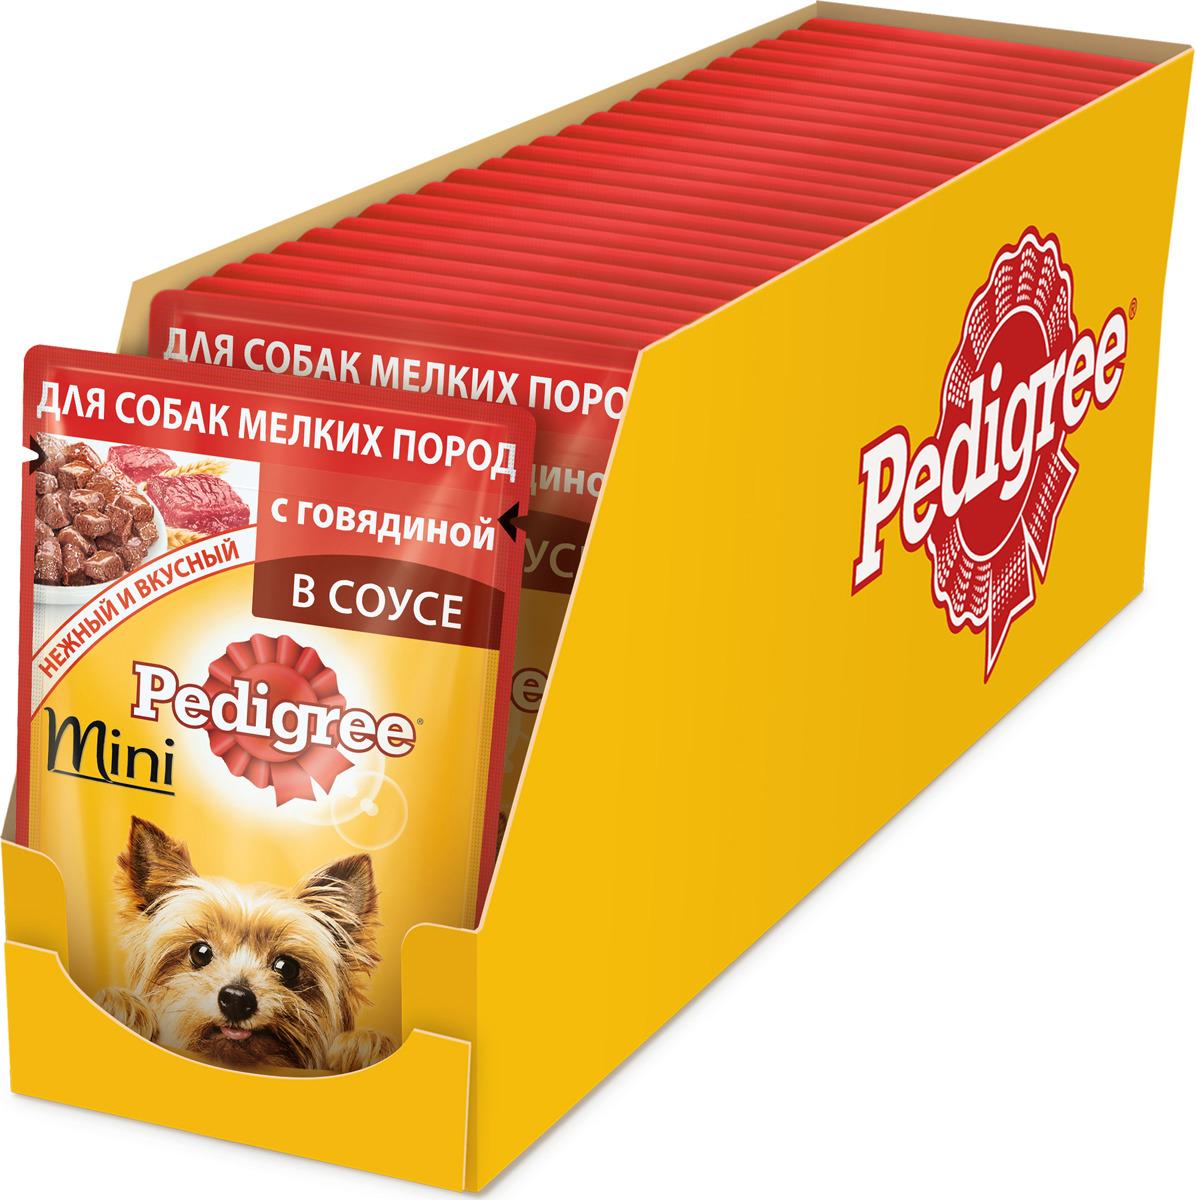 Консервы Pedigree, для взрослых собак мелких пород, с говядиной, 85 г х 24 шт jissbon презерватив zero 24 шт секс игрушки для взрослых